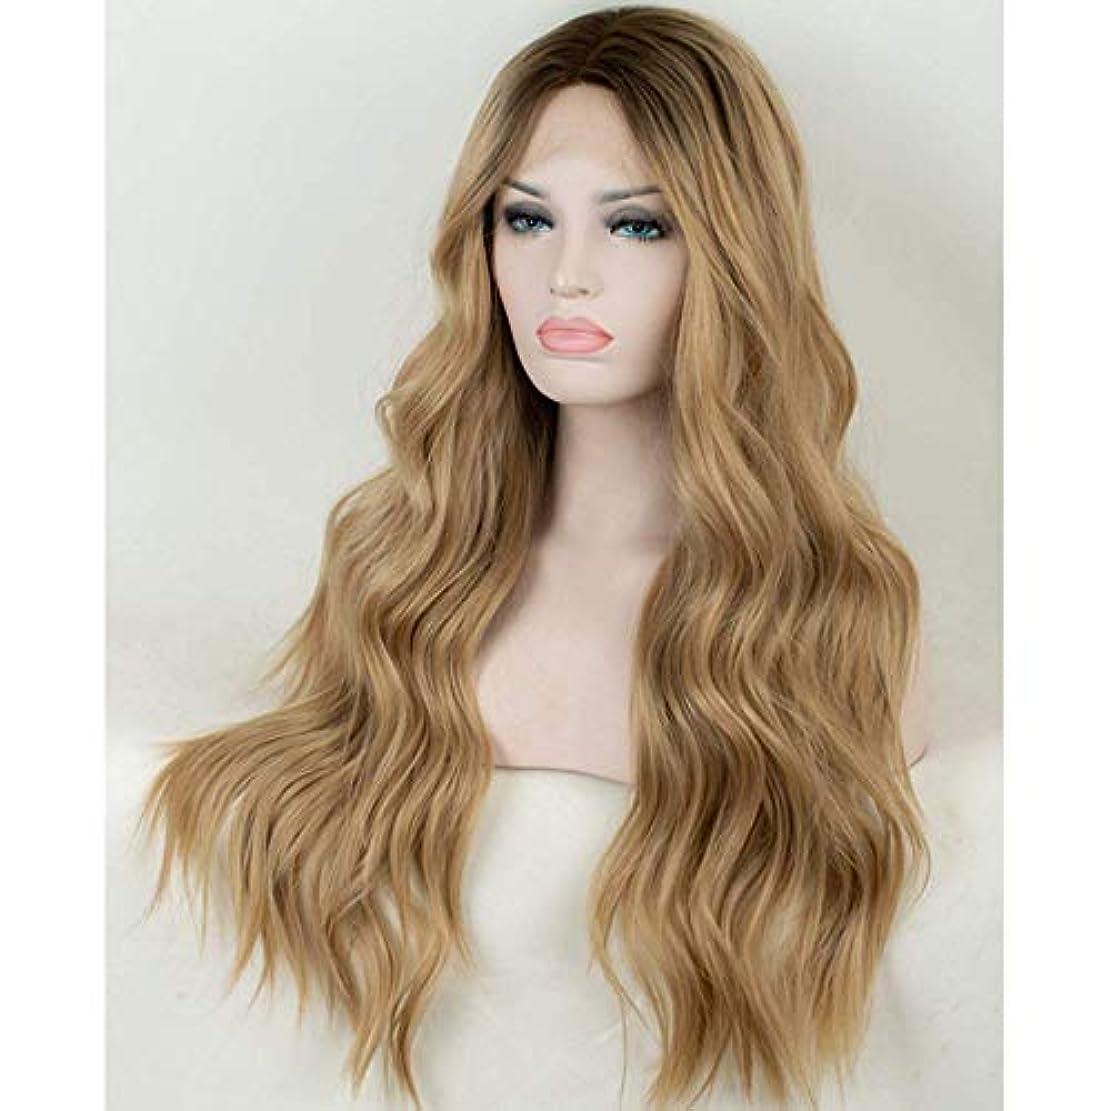 グラス見せます外交女性のための色のかつら長いウェーブのかかった髪、高密度温度合成かつら女性のグルーレスウェーブのかかったコスプレヘアウィッグ、女性のための耐熱繊維の髪のかつら、黄色のウィッグ29.52インチ